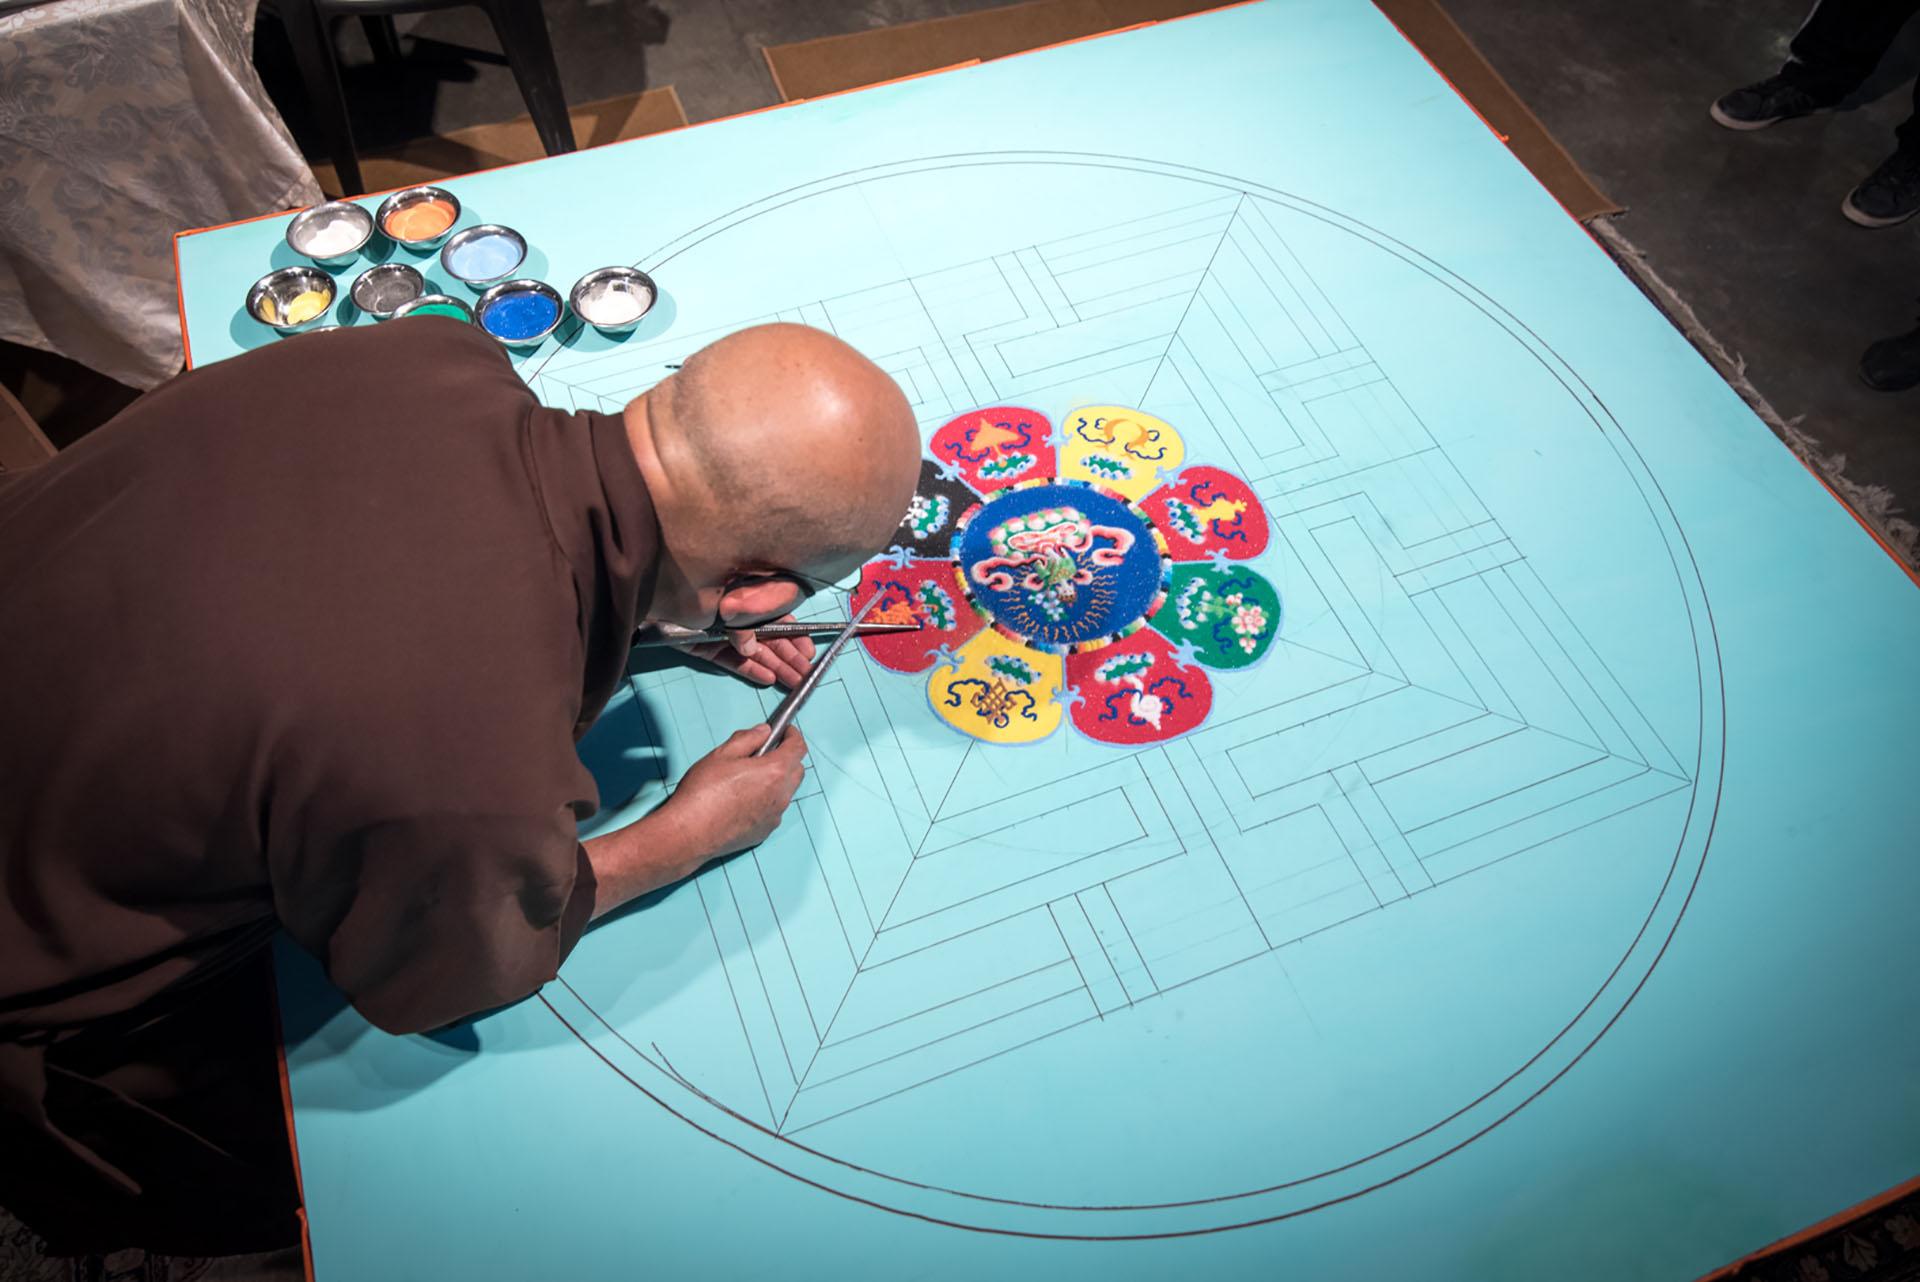 El mandala es una expresión milenaria, artística y espiritual y al mismo tiempo el símbolo de la impermanencia